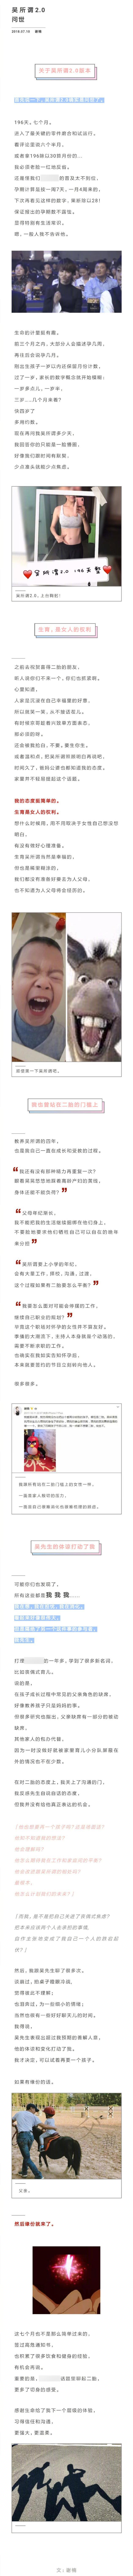 吴京妻子谢楠回应二胎传闻:吴所谓2.0确实问世了